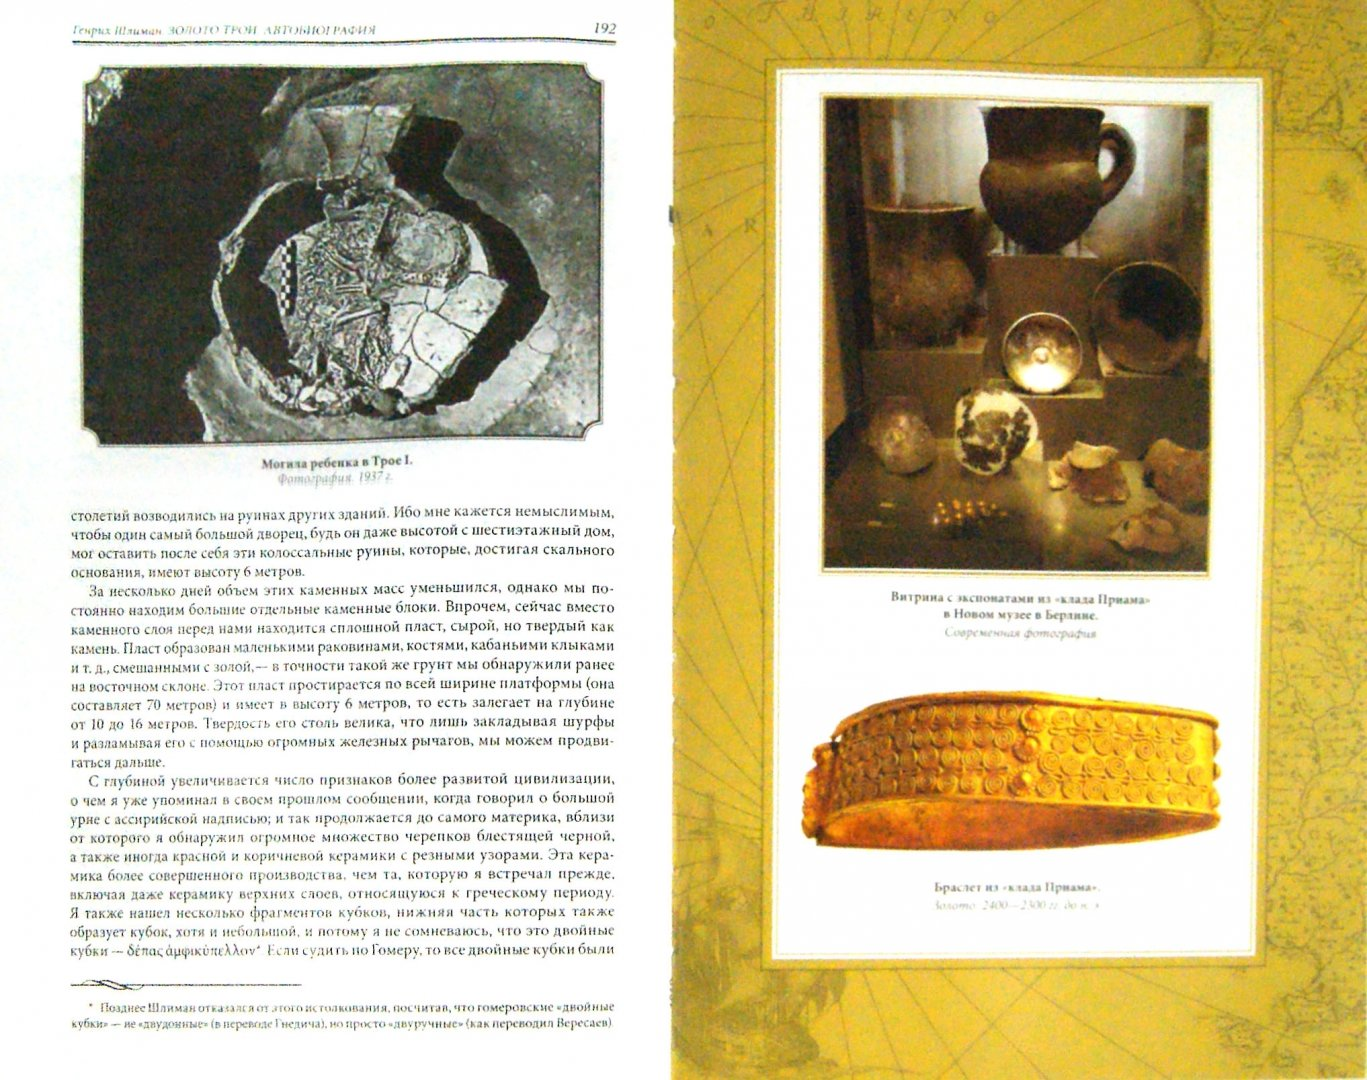 Иллюстрация 1 из 51 для Золото Трои - Генрих Шлиман | Лабиринт - книги. Источник: Лабиринт